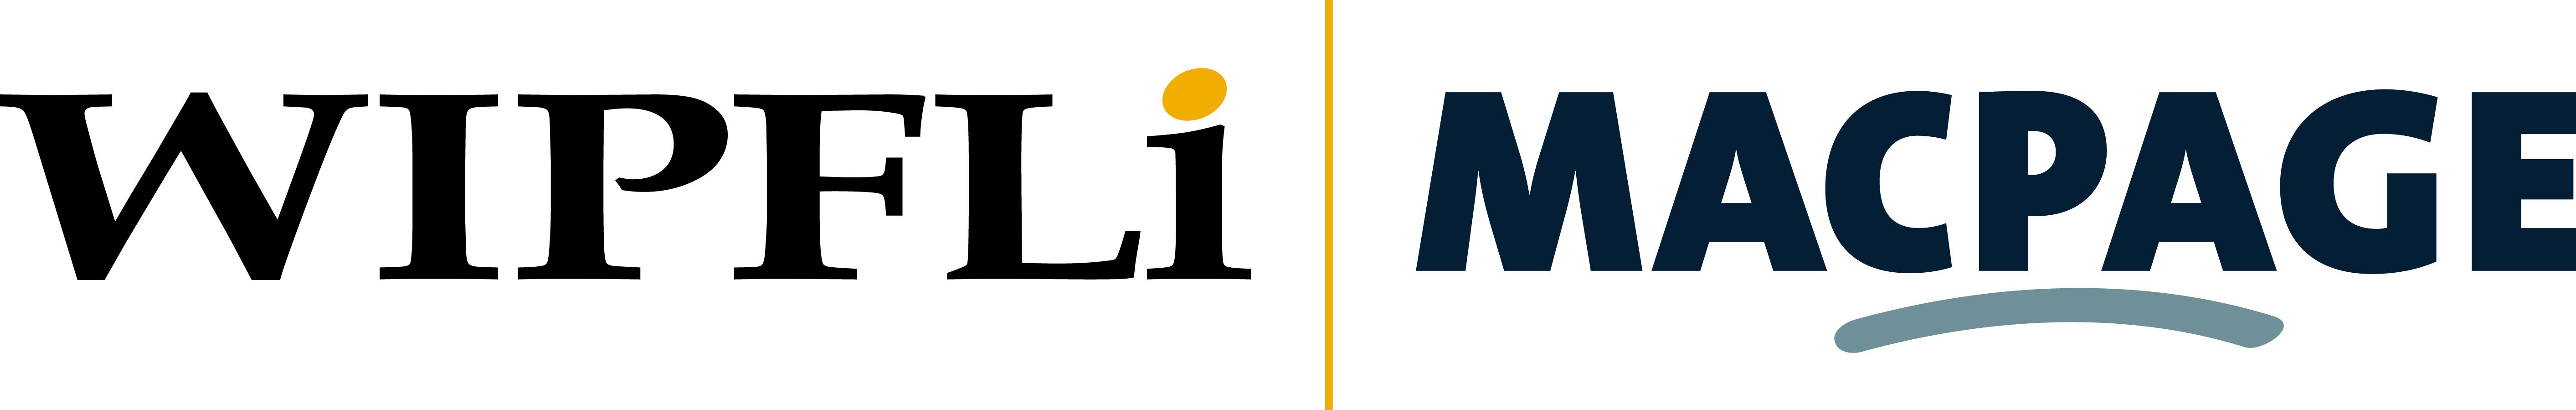 WIPFLi | MACPAGE logo